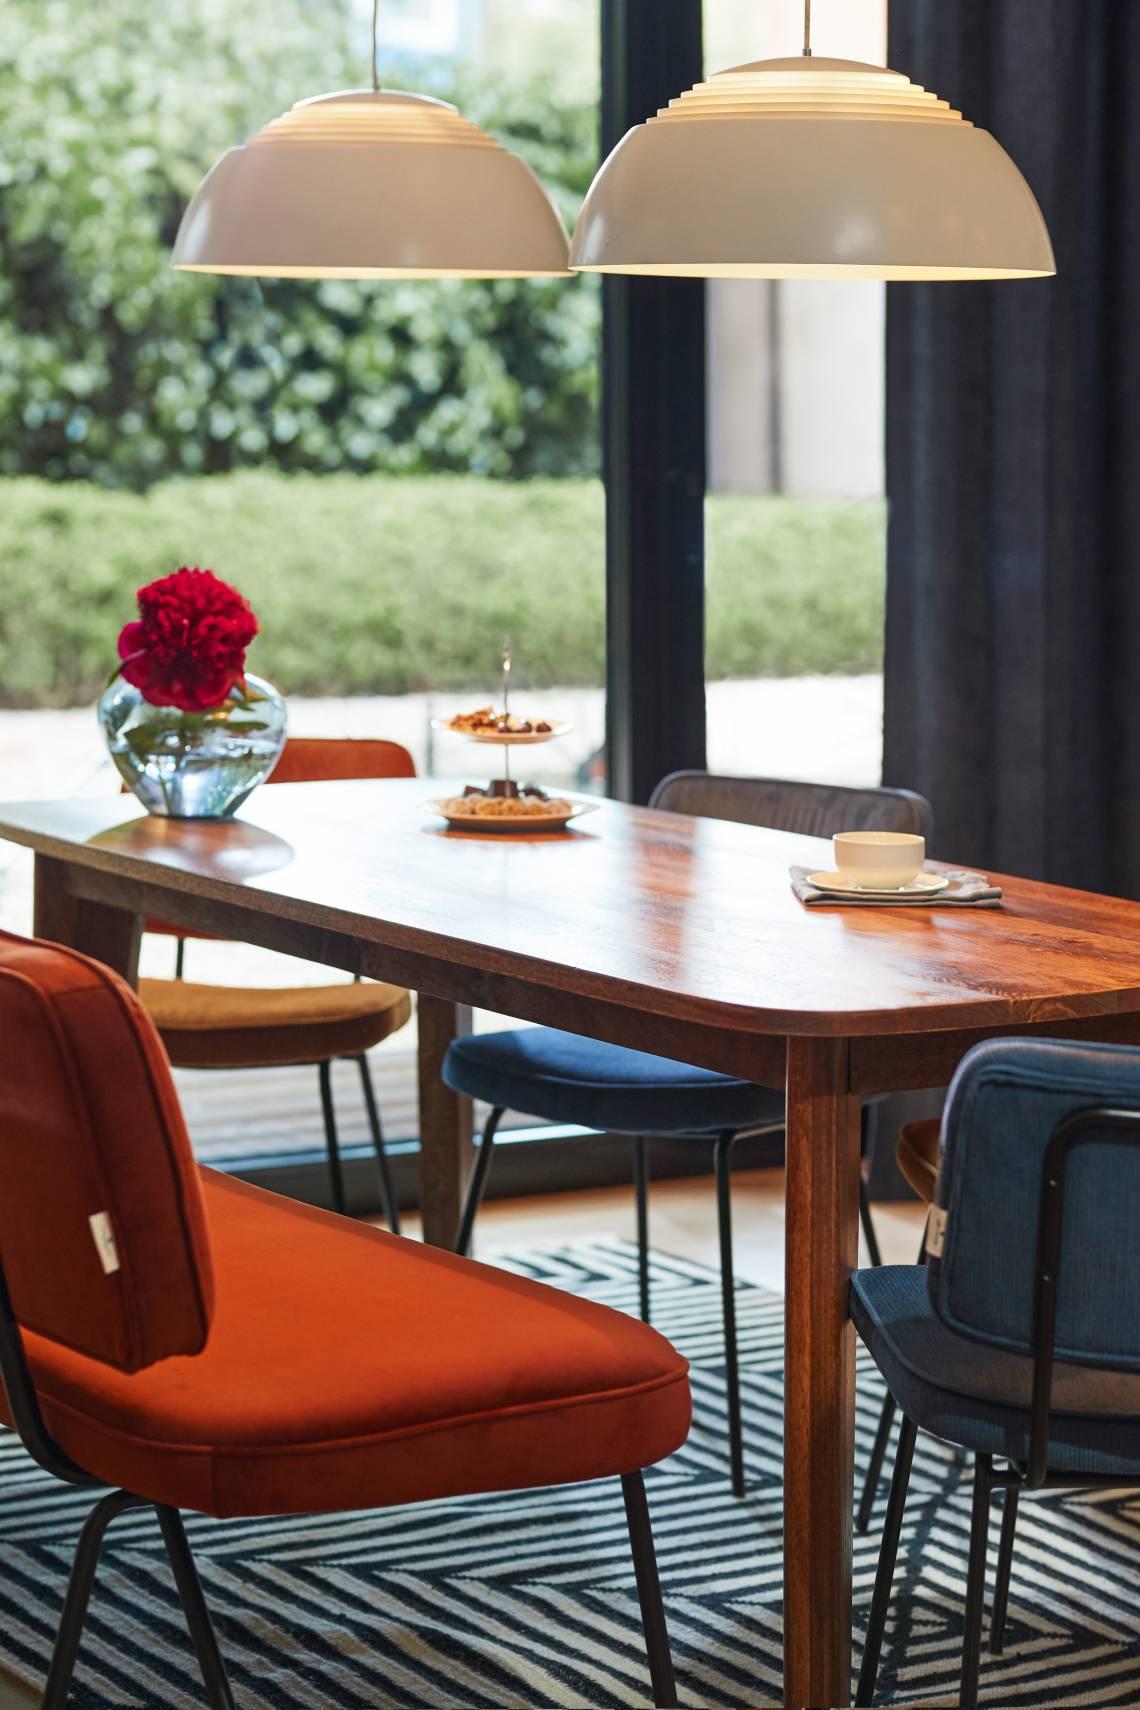 TOM TAILOR Dining Orange Blau Stimmungsbild02